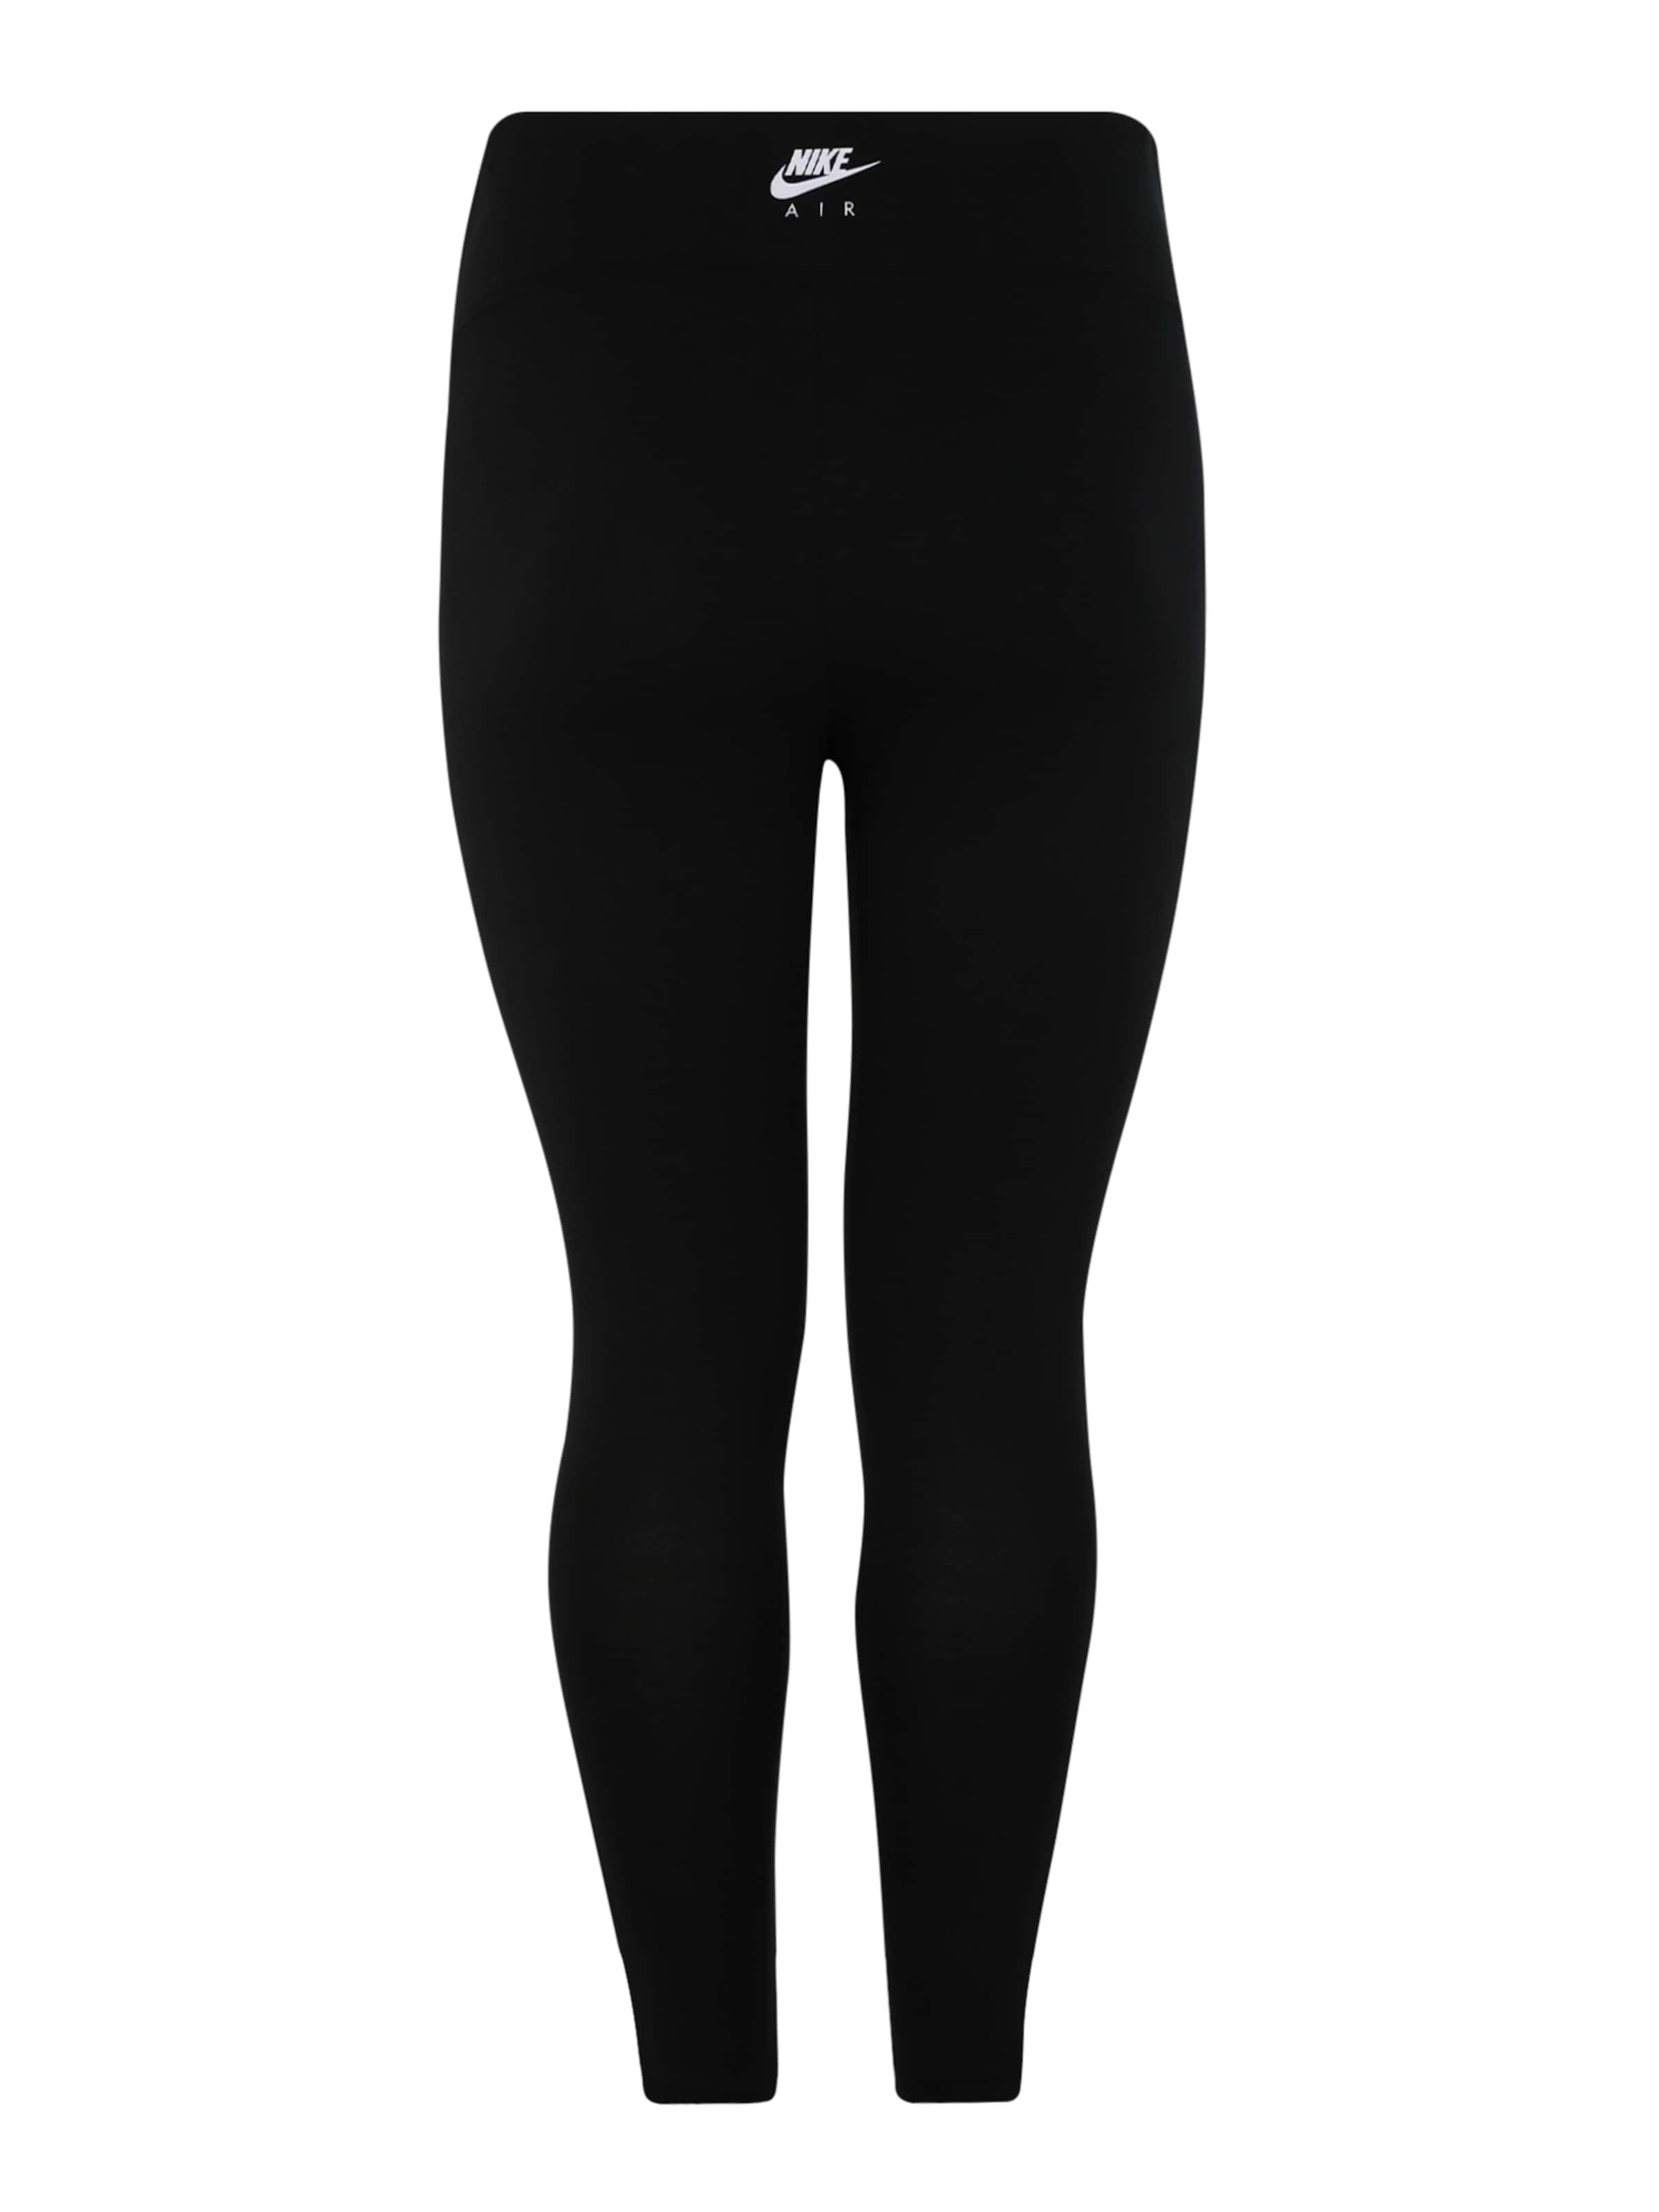 Schwarz Nike Sportswear 'air' Leggings In eW2ID9YEHb